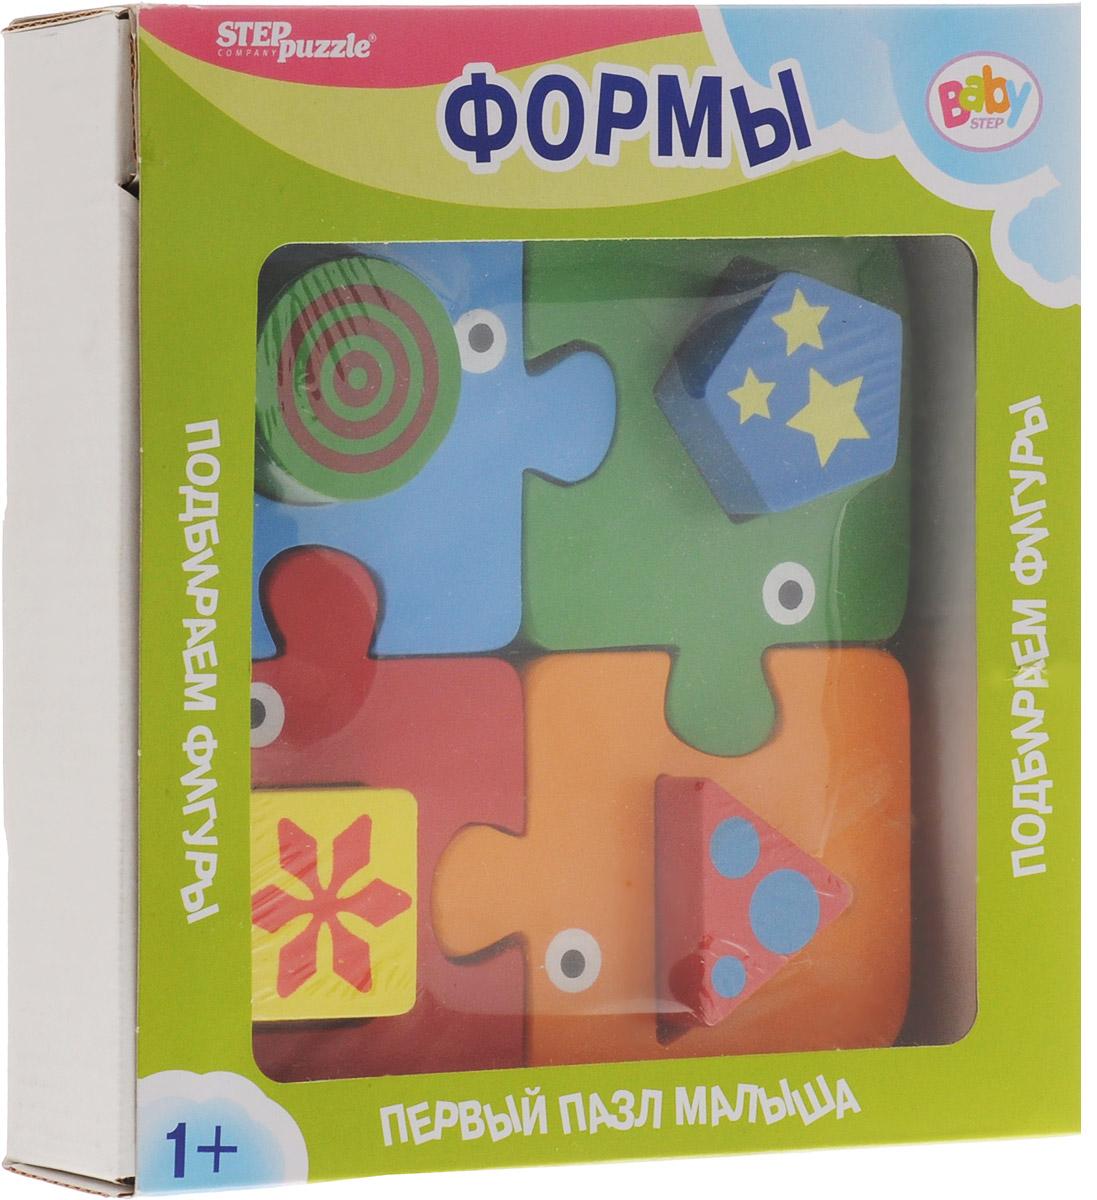 Step Puzzle Пазл для малышей Формы step puzzle пазл для малышей сандро боттичелли рождение венеры